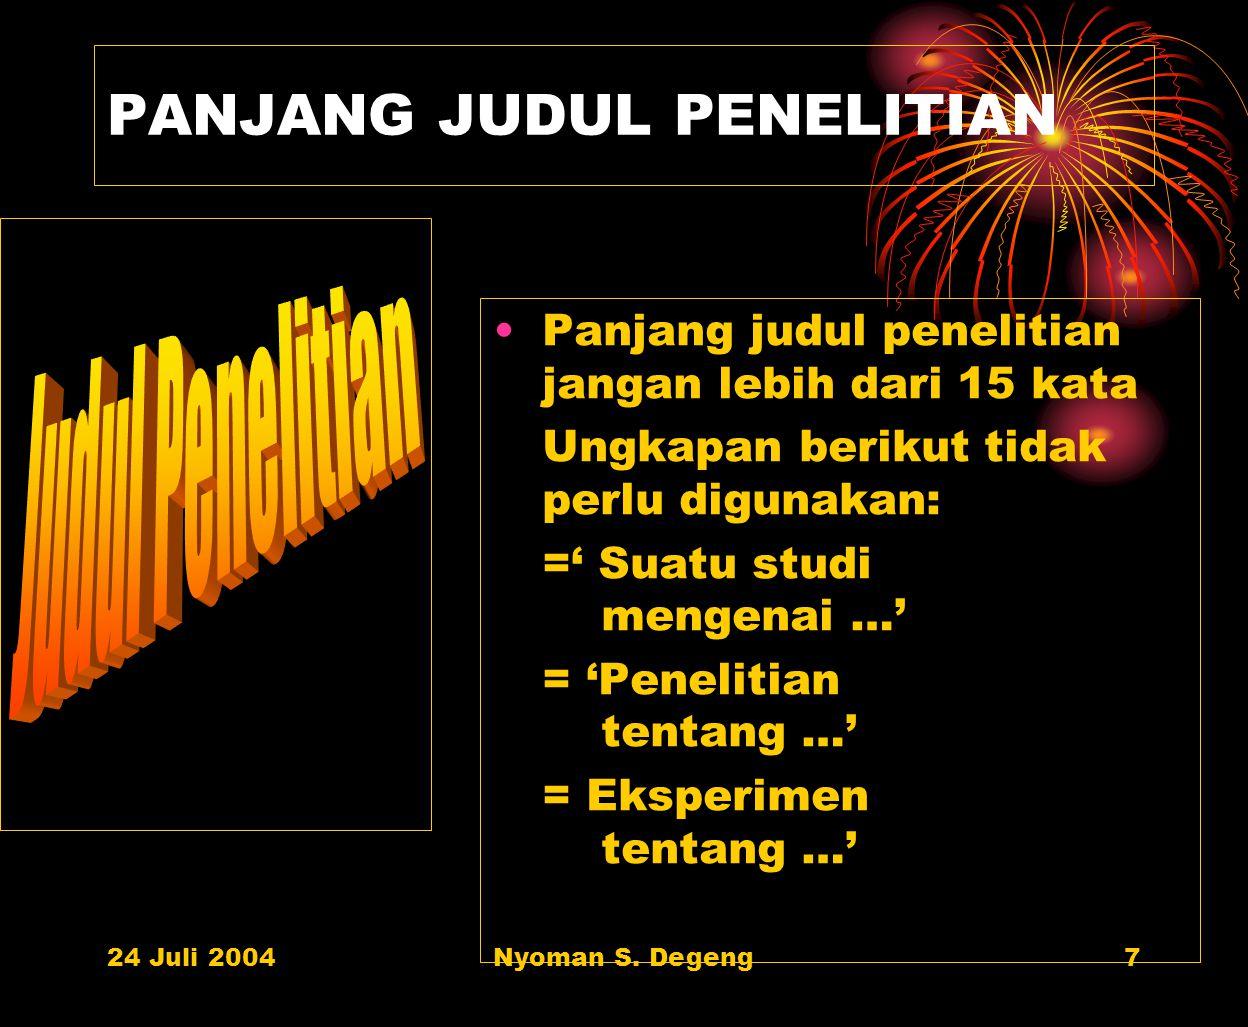 PANJANG JUDUL PENELITIAN